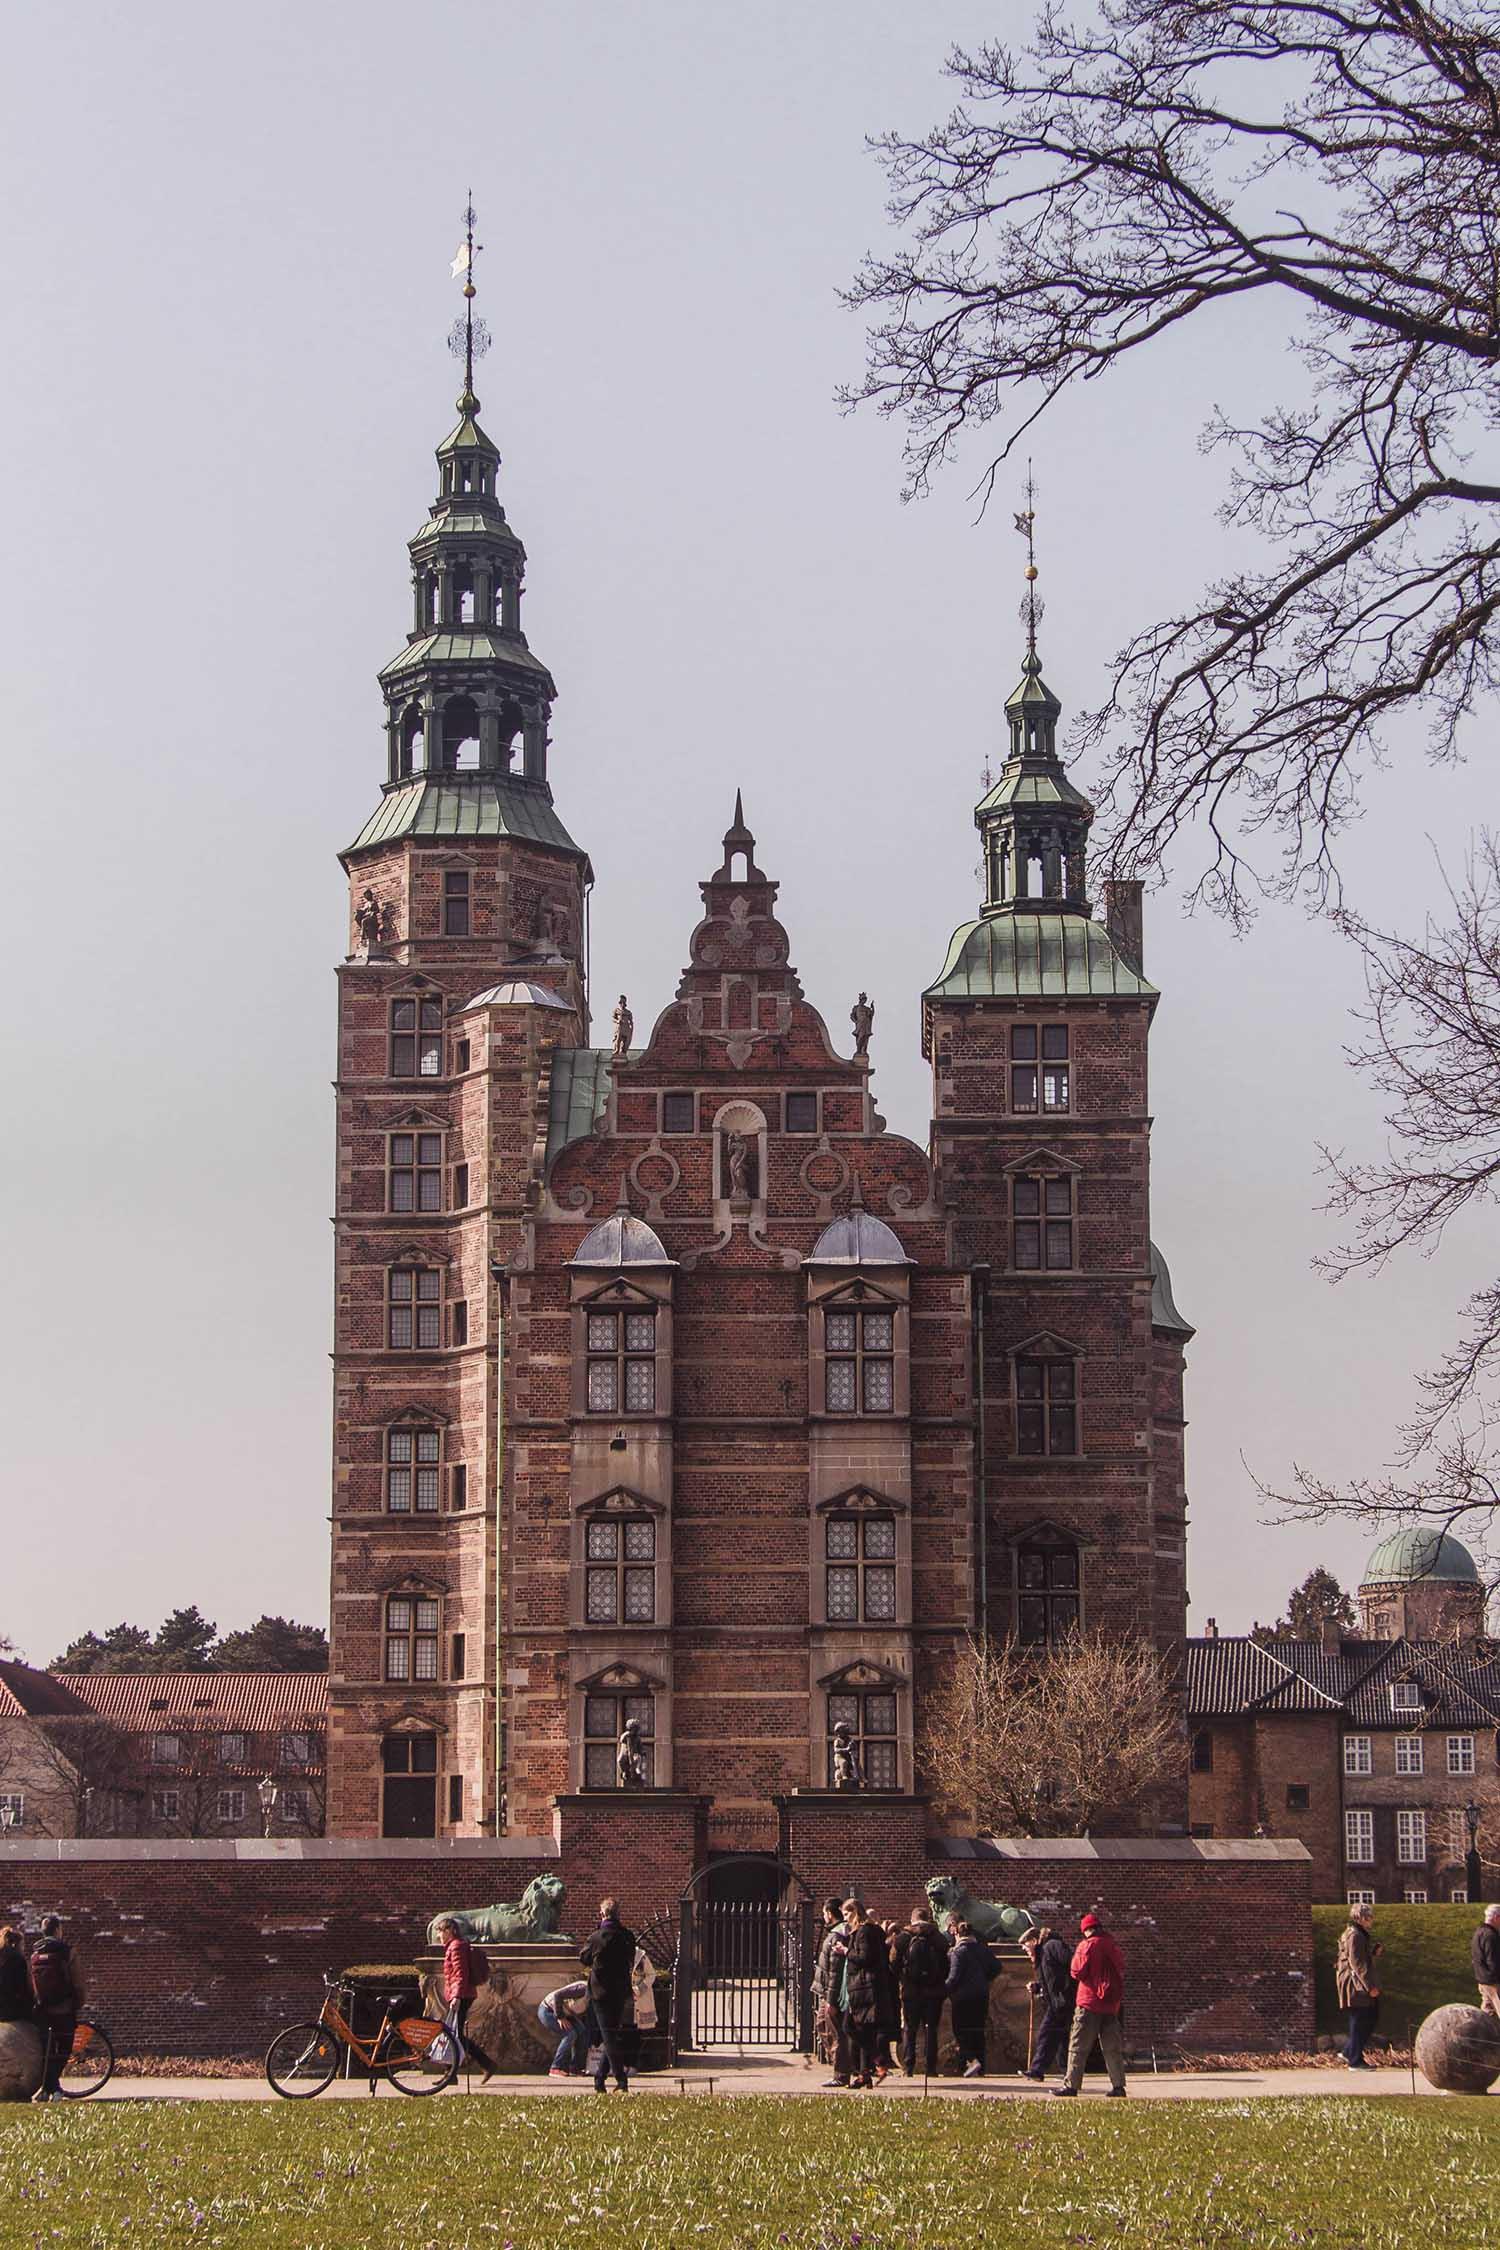 rosenborg-castle-copenhagen.jpg